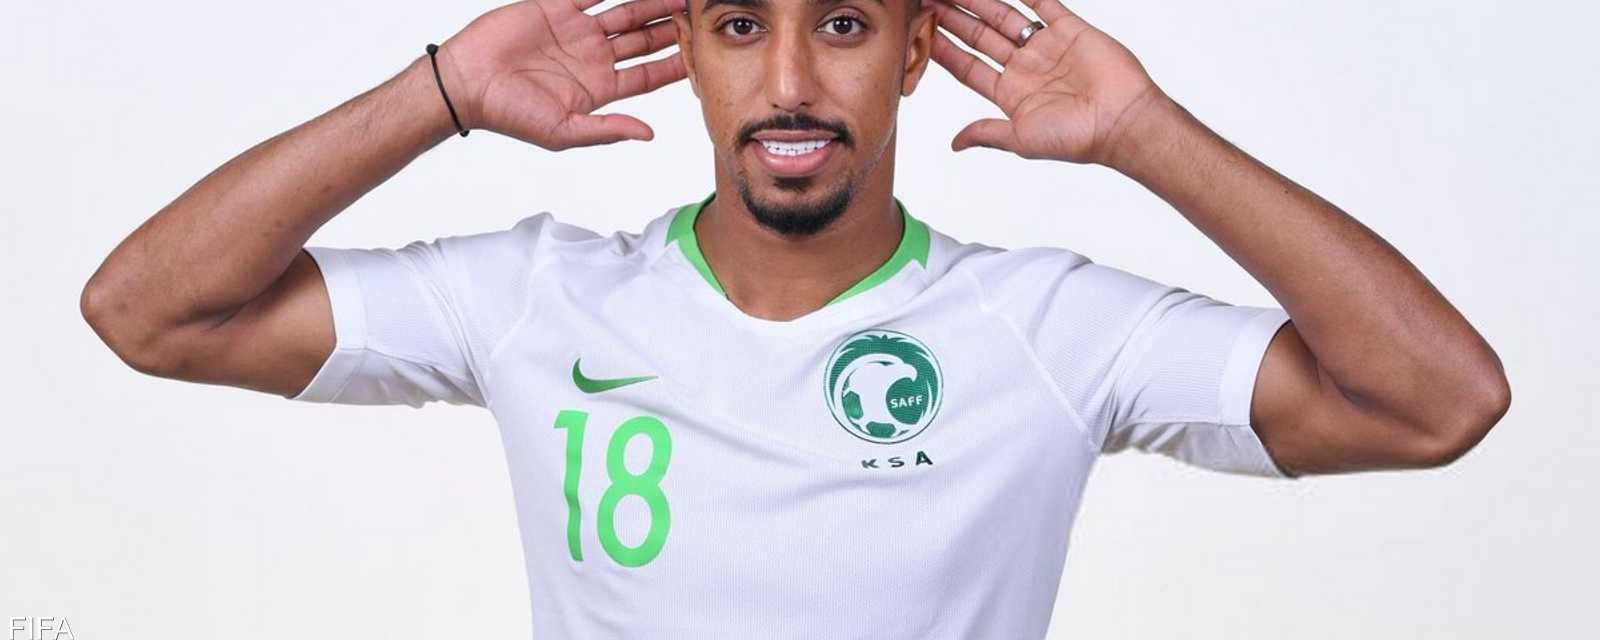 سالم الدوسري نجم المنتخب السعودي